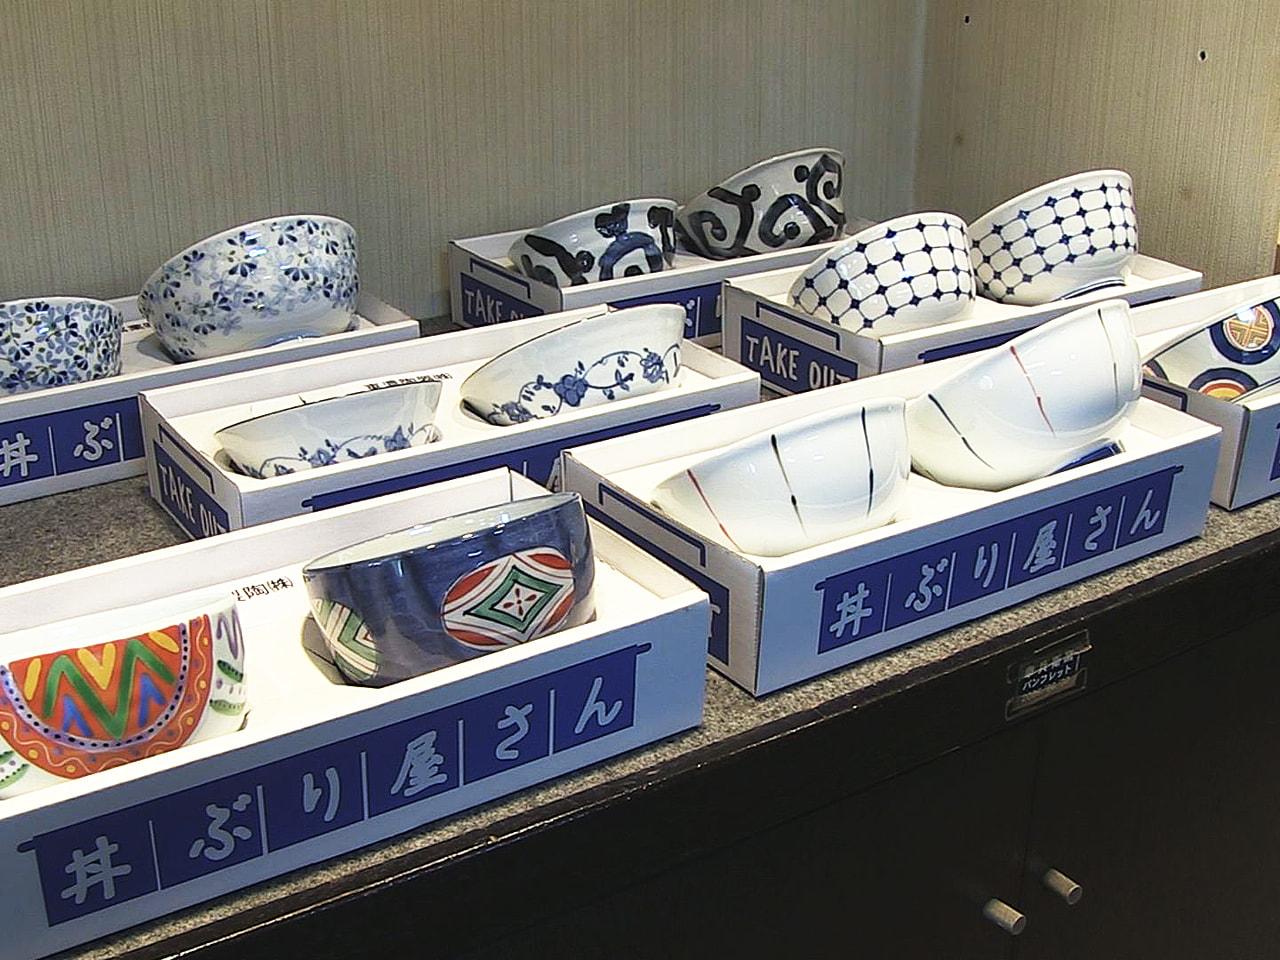 美濃焼生産量日本一の岐阜県土岐市で、コロナ禍で苦境にある飲食店と陶磁器メーカーを...